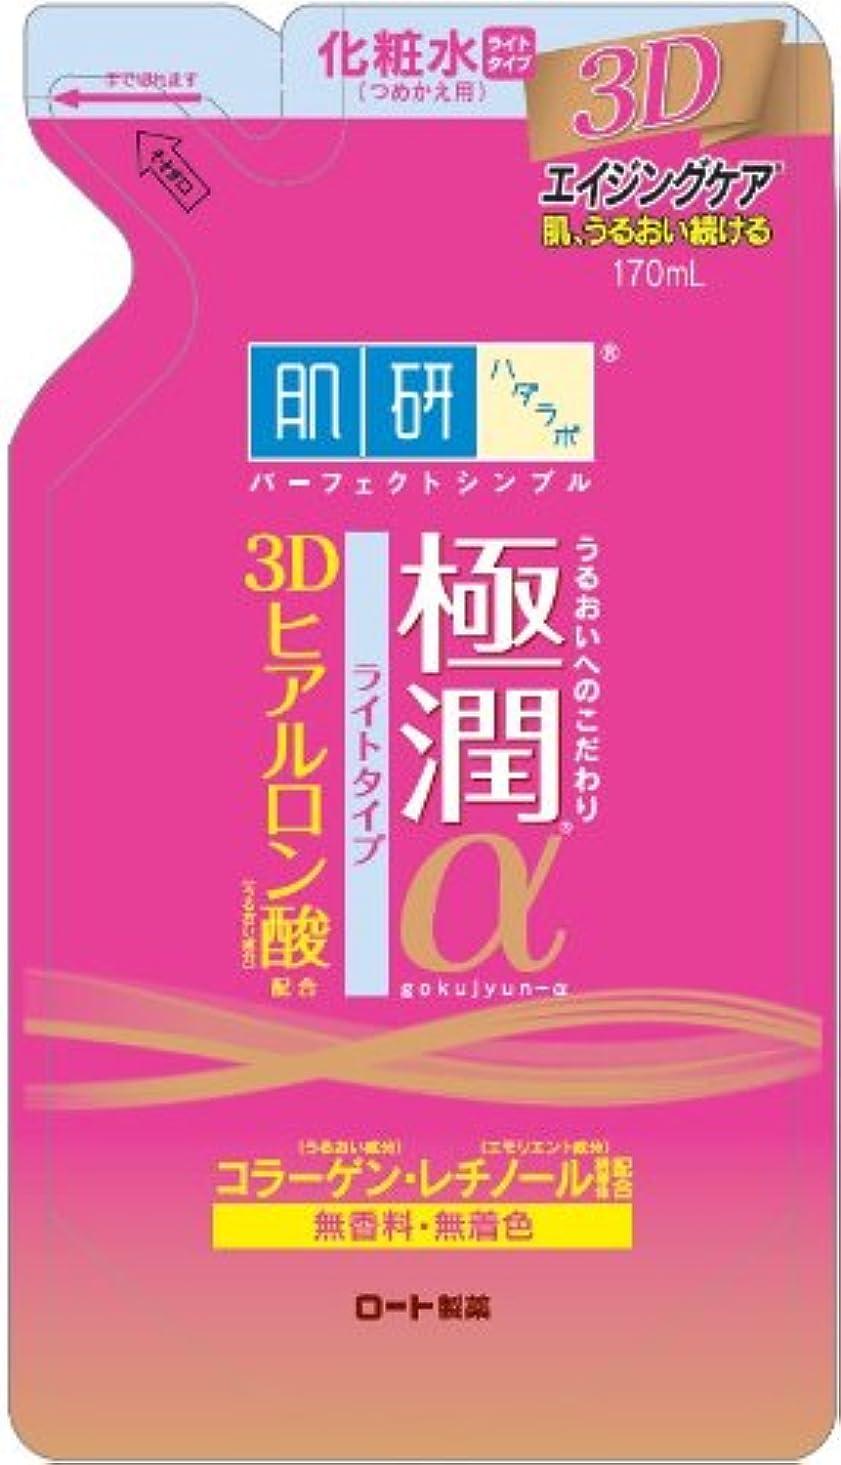 コンプリート補助金本質的に肌研(ハダラボ) 極潤 α化粧水(ライトタイプ) つめかえ用 170mL